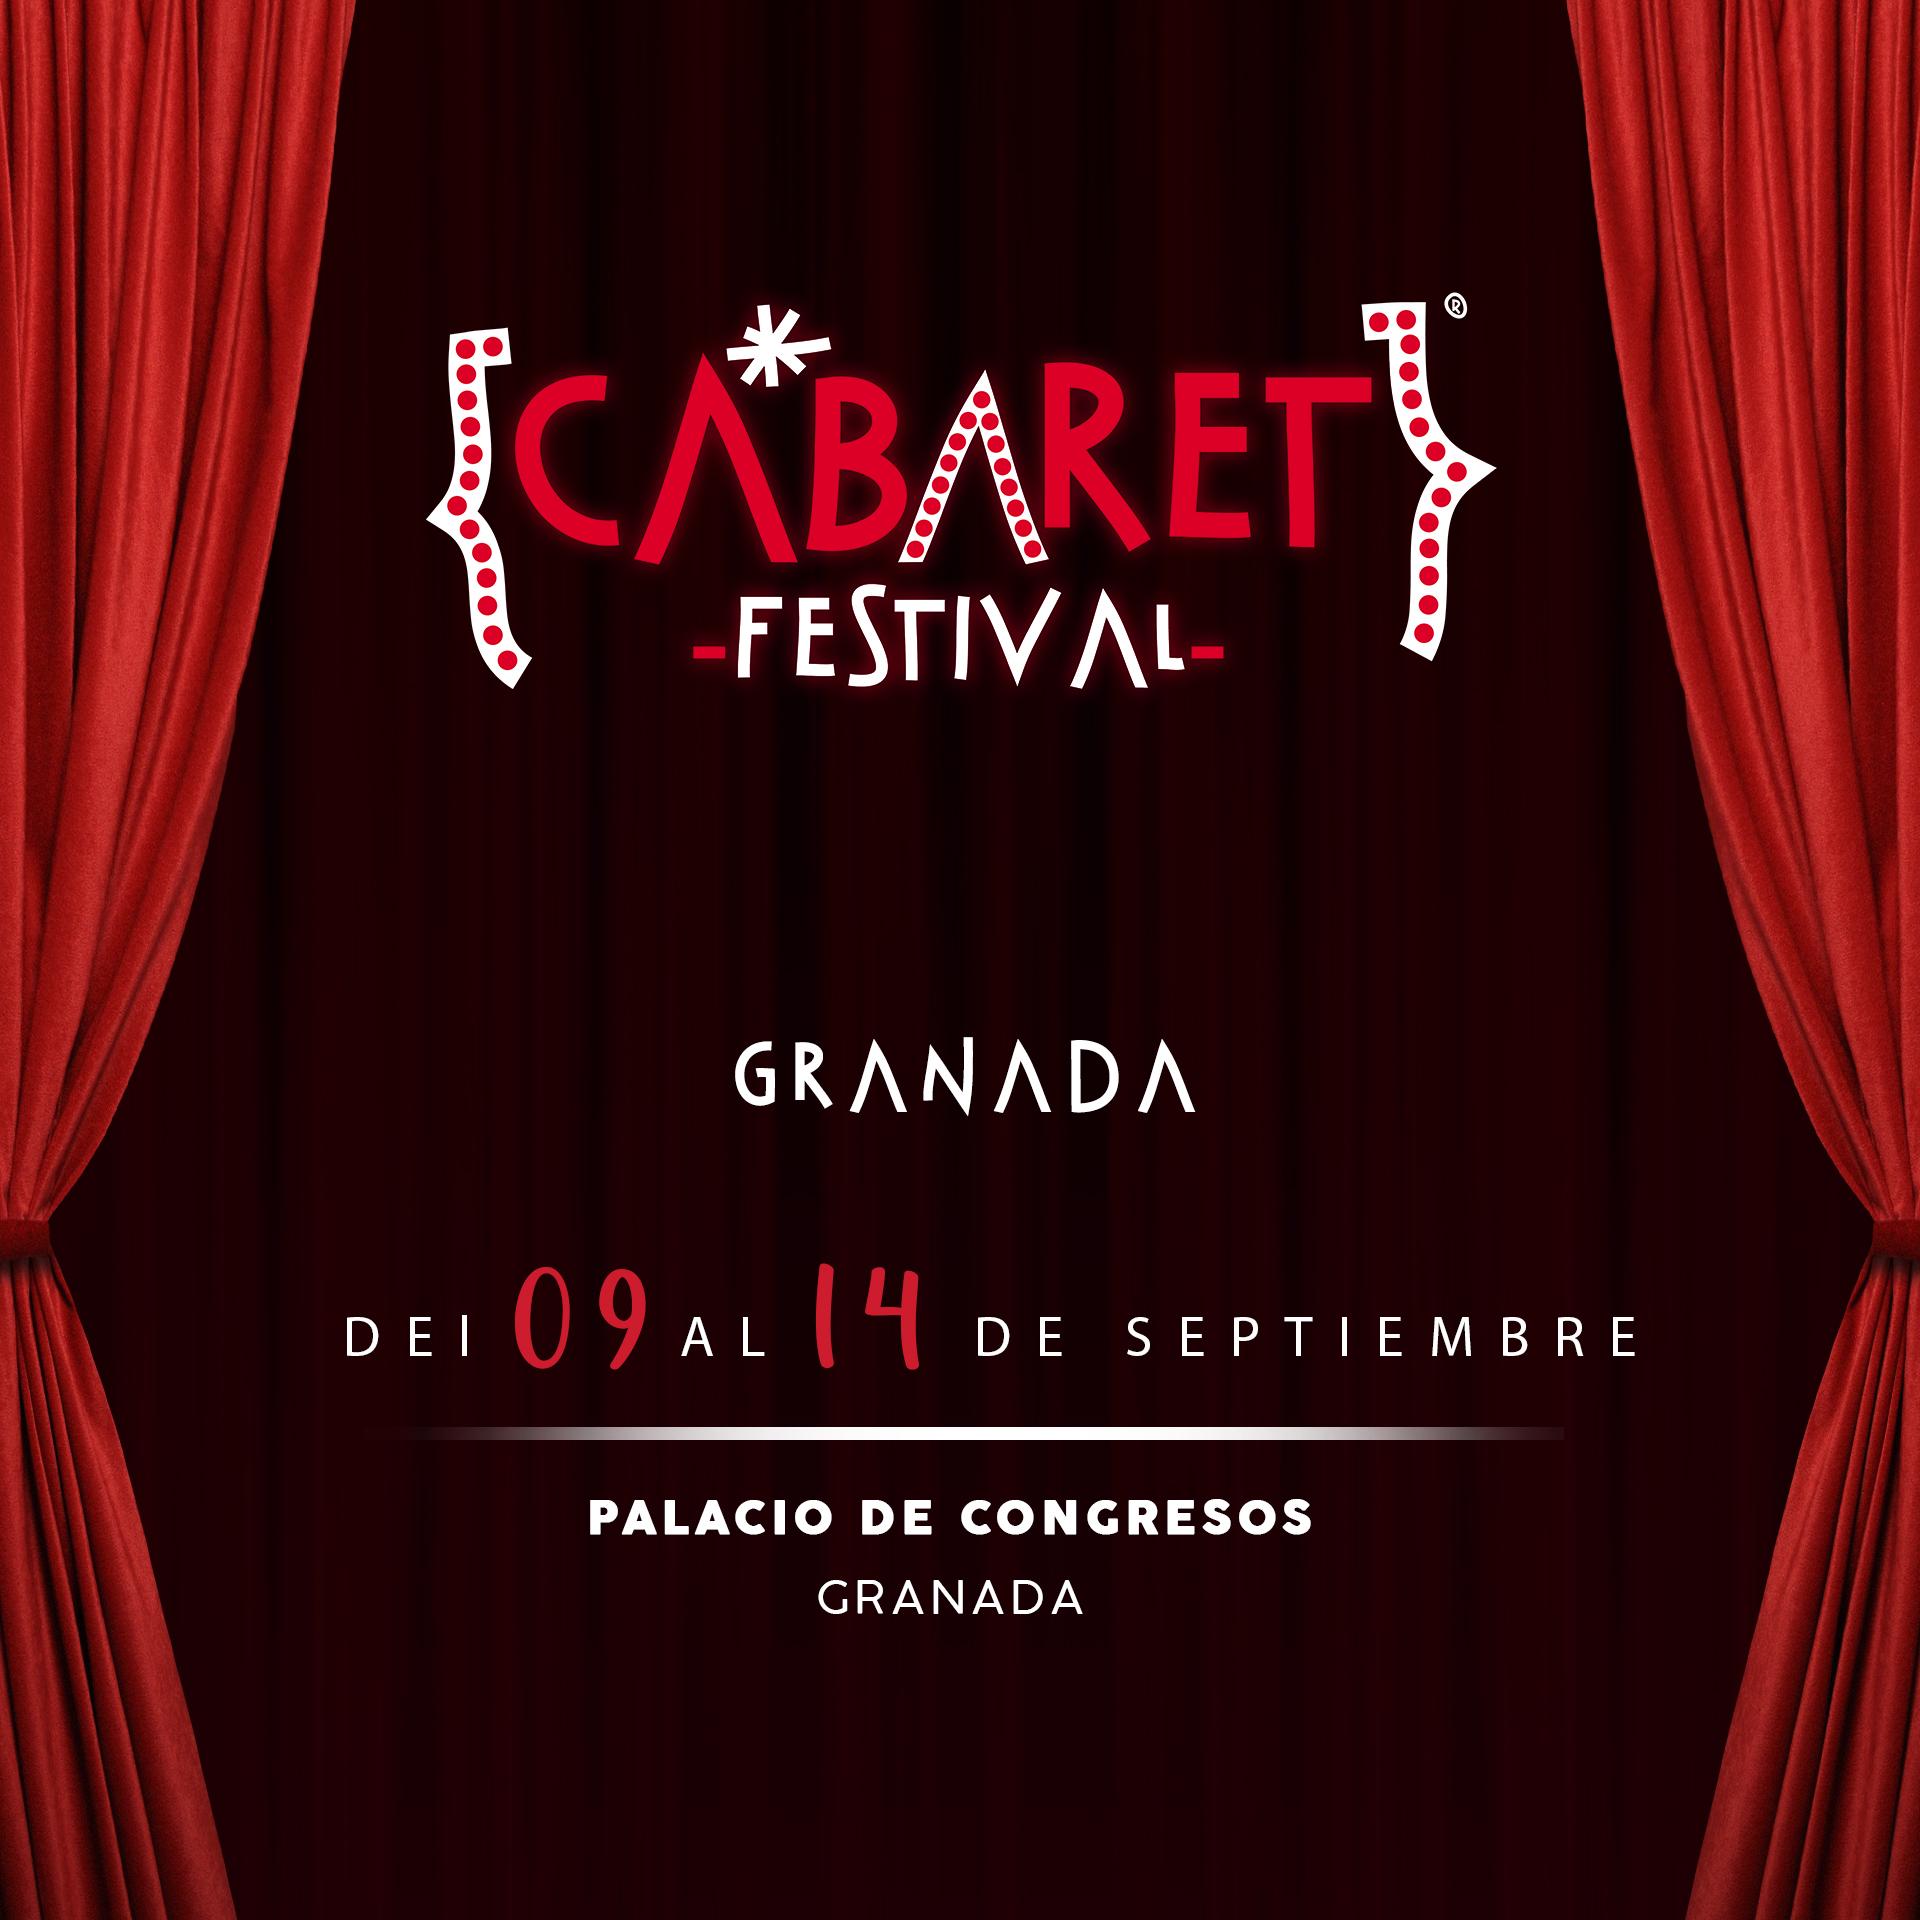 Cabaret Festival anuncia que hará una parada en Granada para llevar a su Palacio De Congresos un ciclo de espectáculos absolutamente completo y espectacular en el que el público podrá disfrutar de la mejor música, danza y comedia.